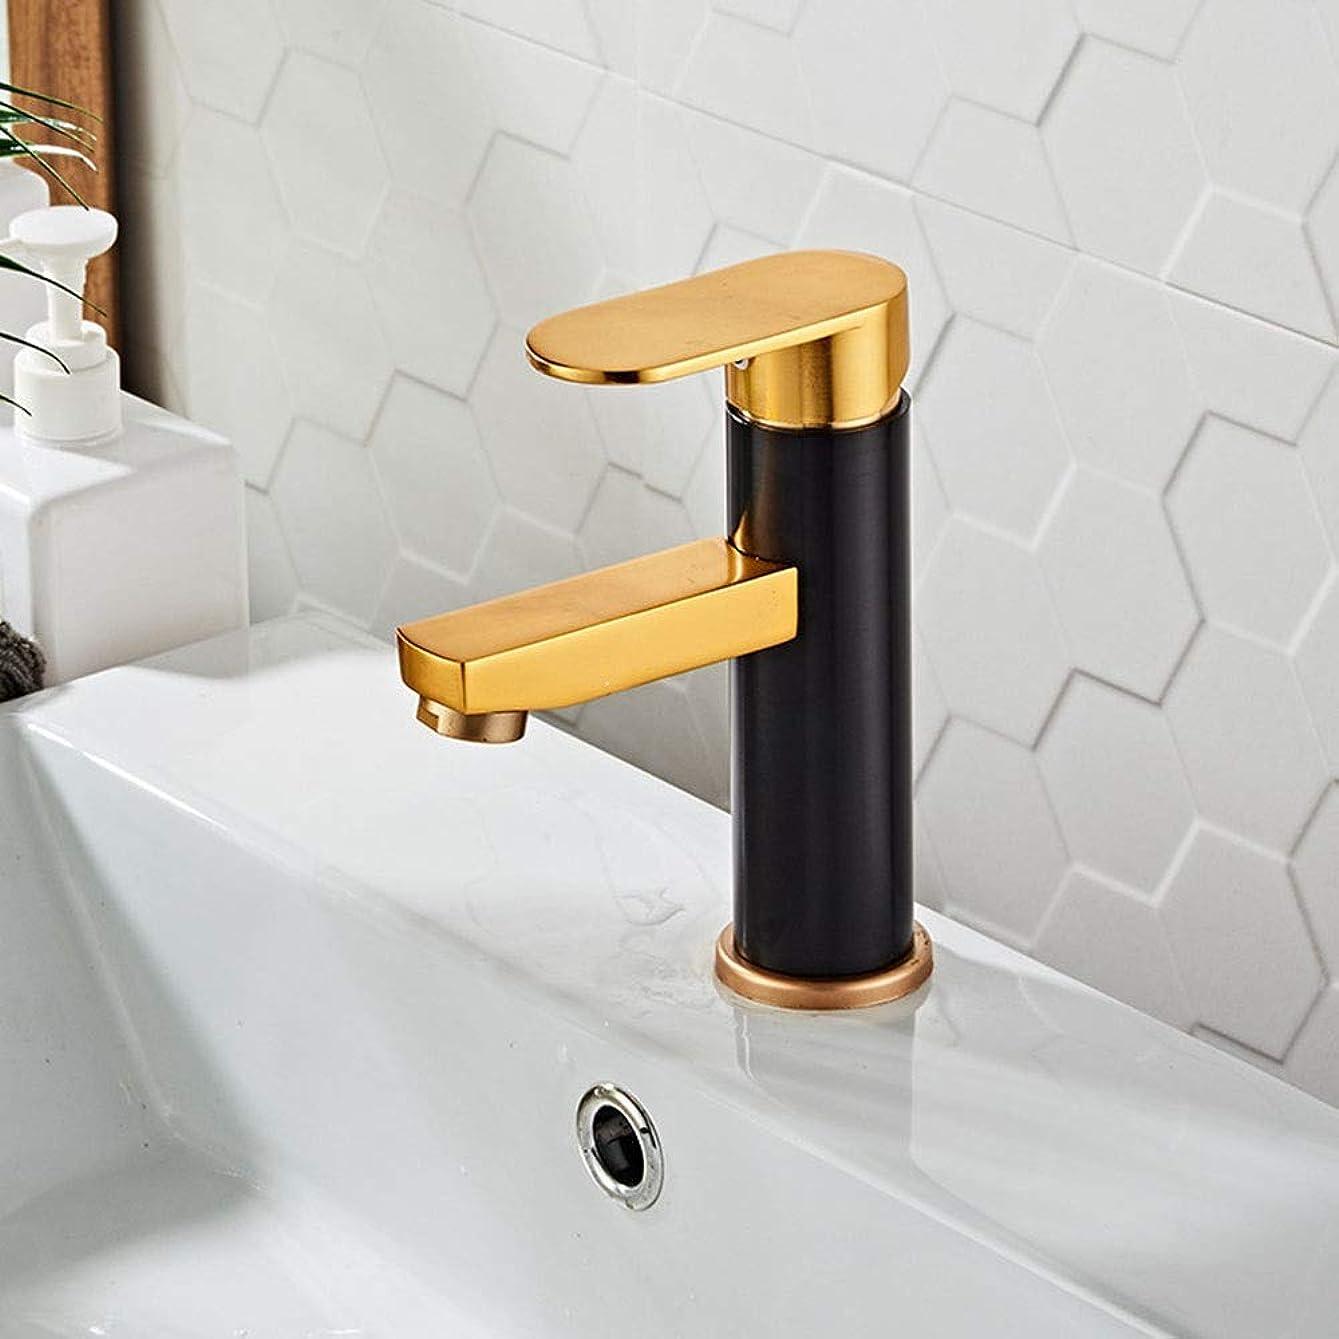 規制するブロックする重荷DEAN高品質メタル 蛇口ブラックゴールドスペースアルミニウム単穴ホットとコールドウォッシュホテルバスルームのシンク